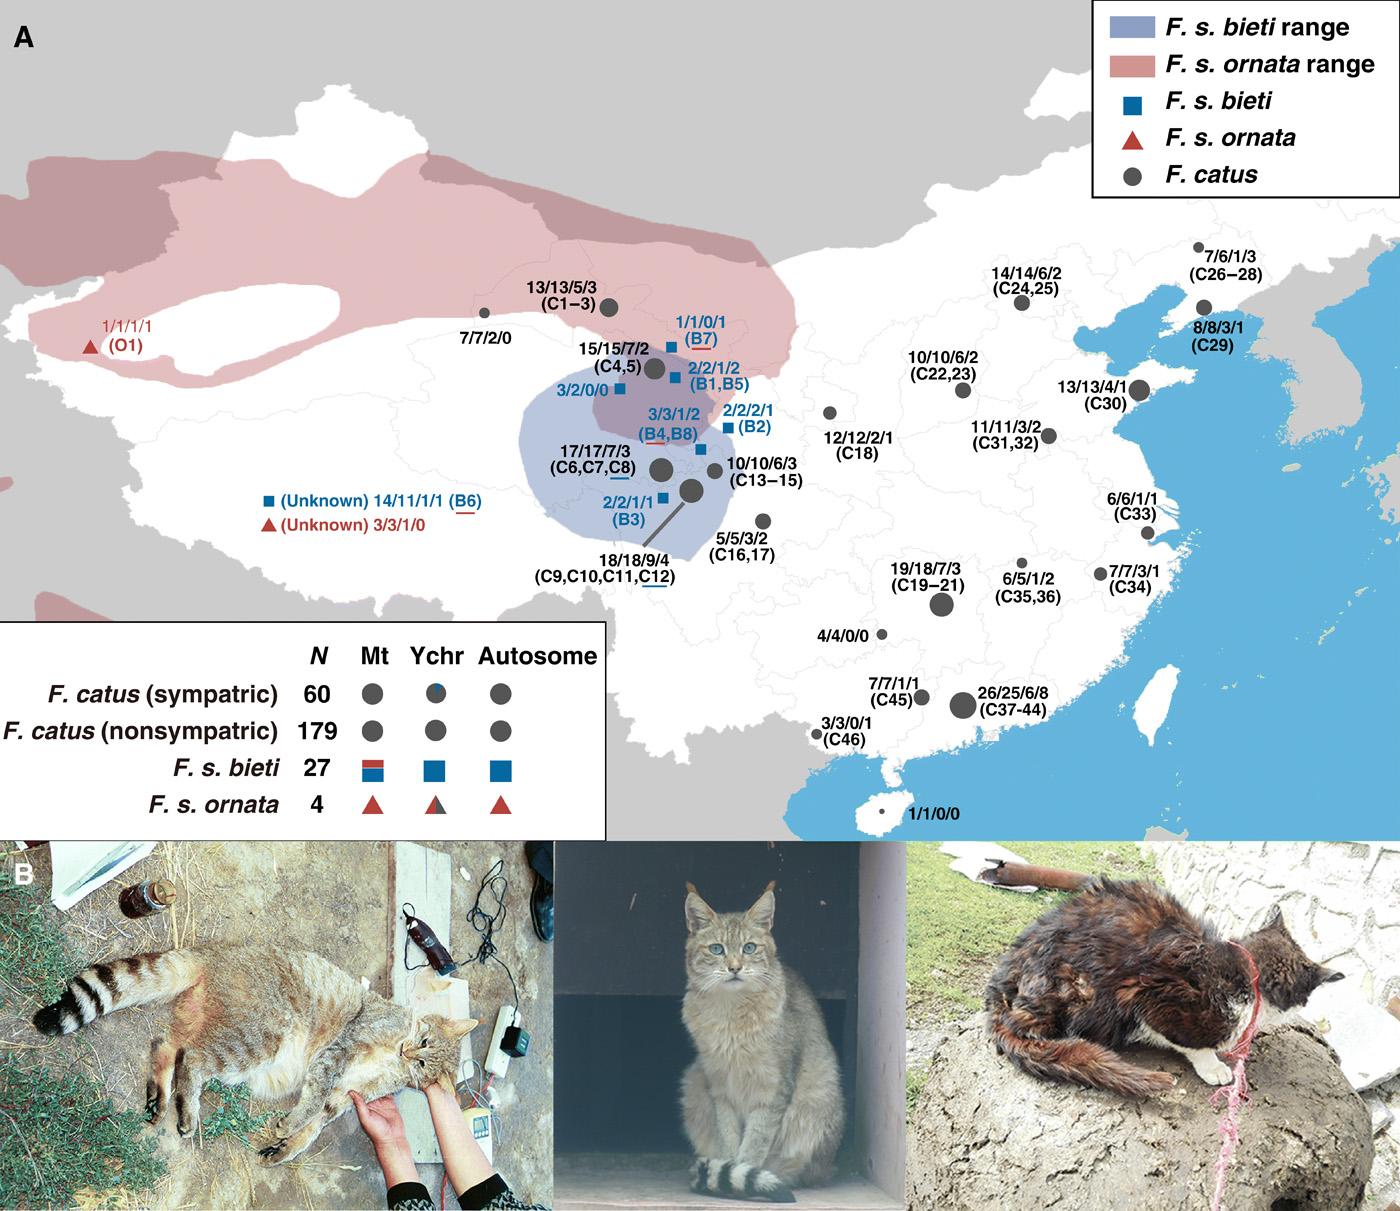 基因组研究表明中国山猫是野猫的一个亚种 它们与中国驯养家化的猫无关